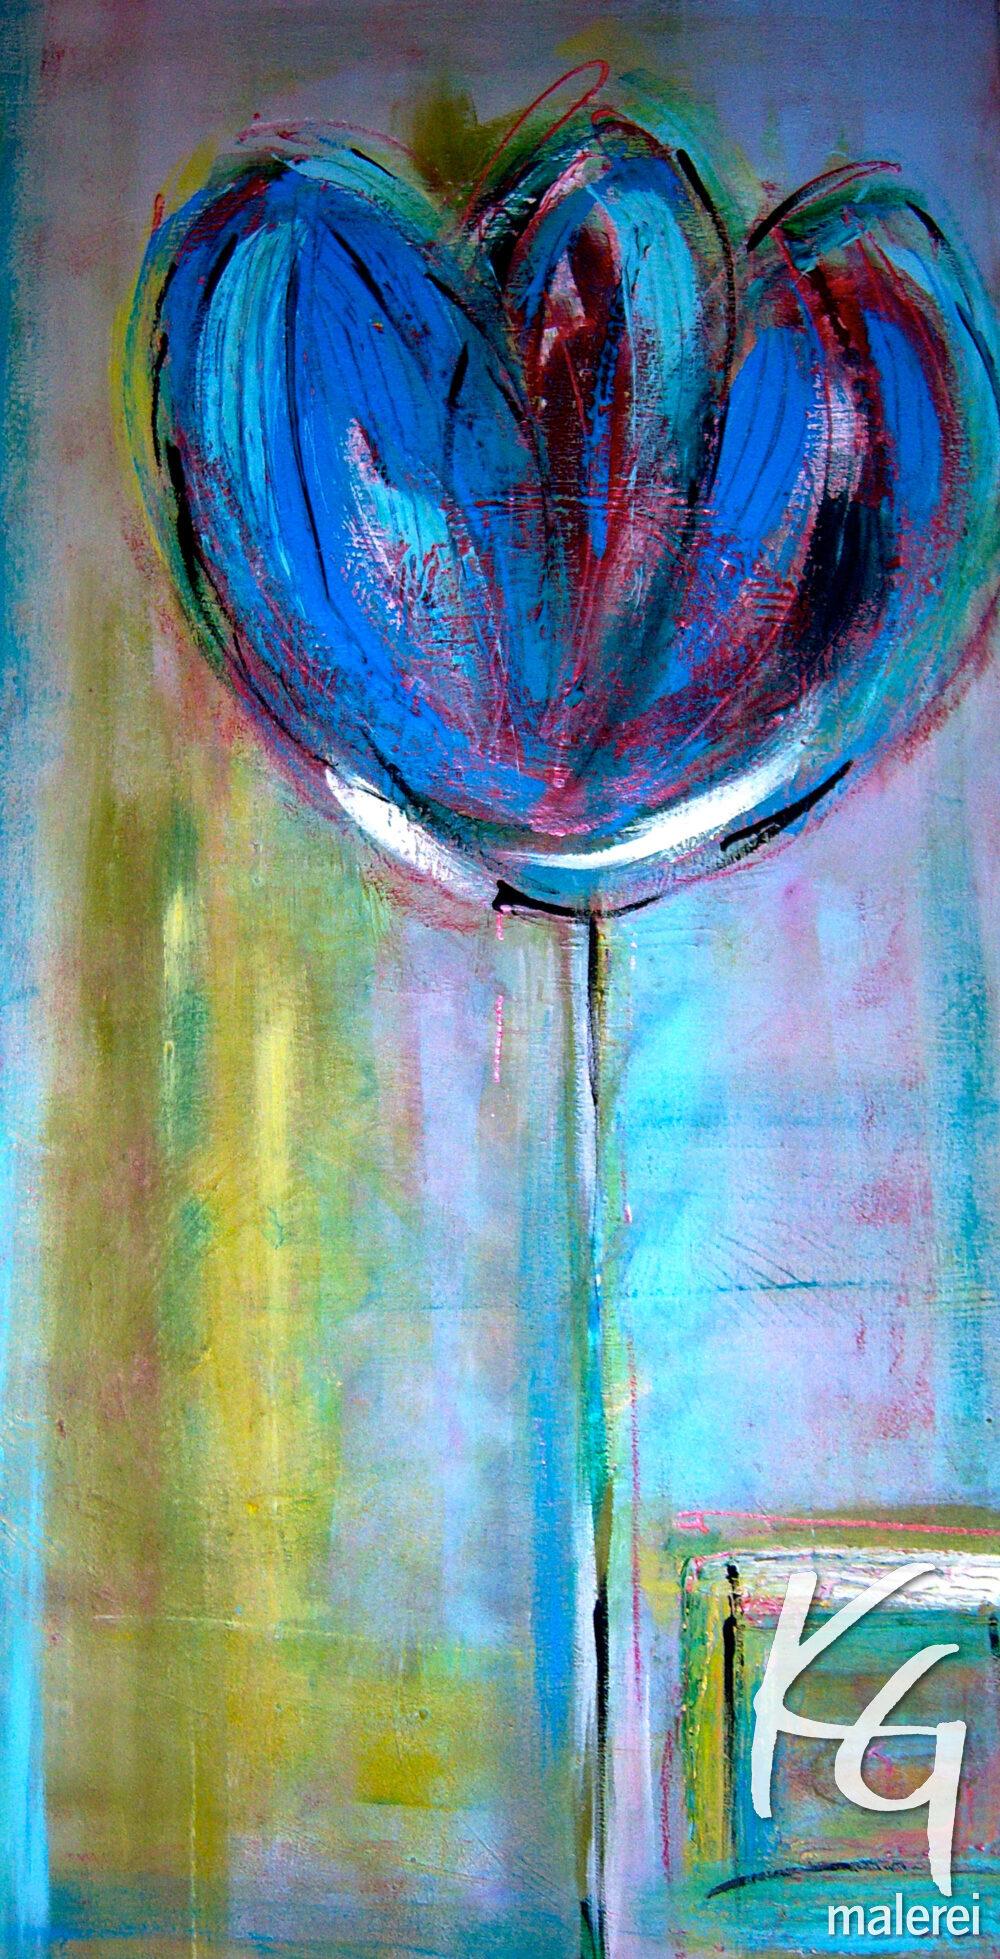 Das Gemälde Blue Flower zeigt eine blaue Blume im abstrakten Stil vor einem undeutlichen Hintergrund